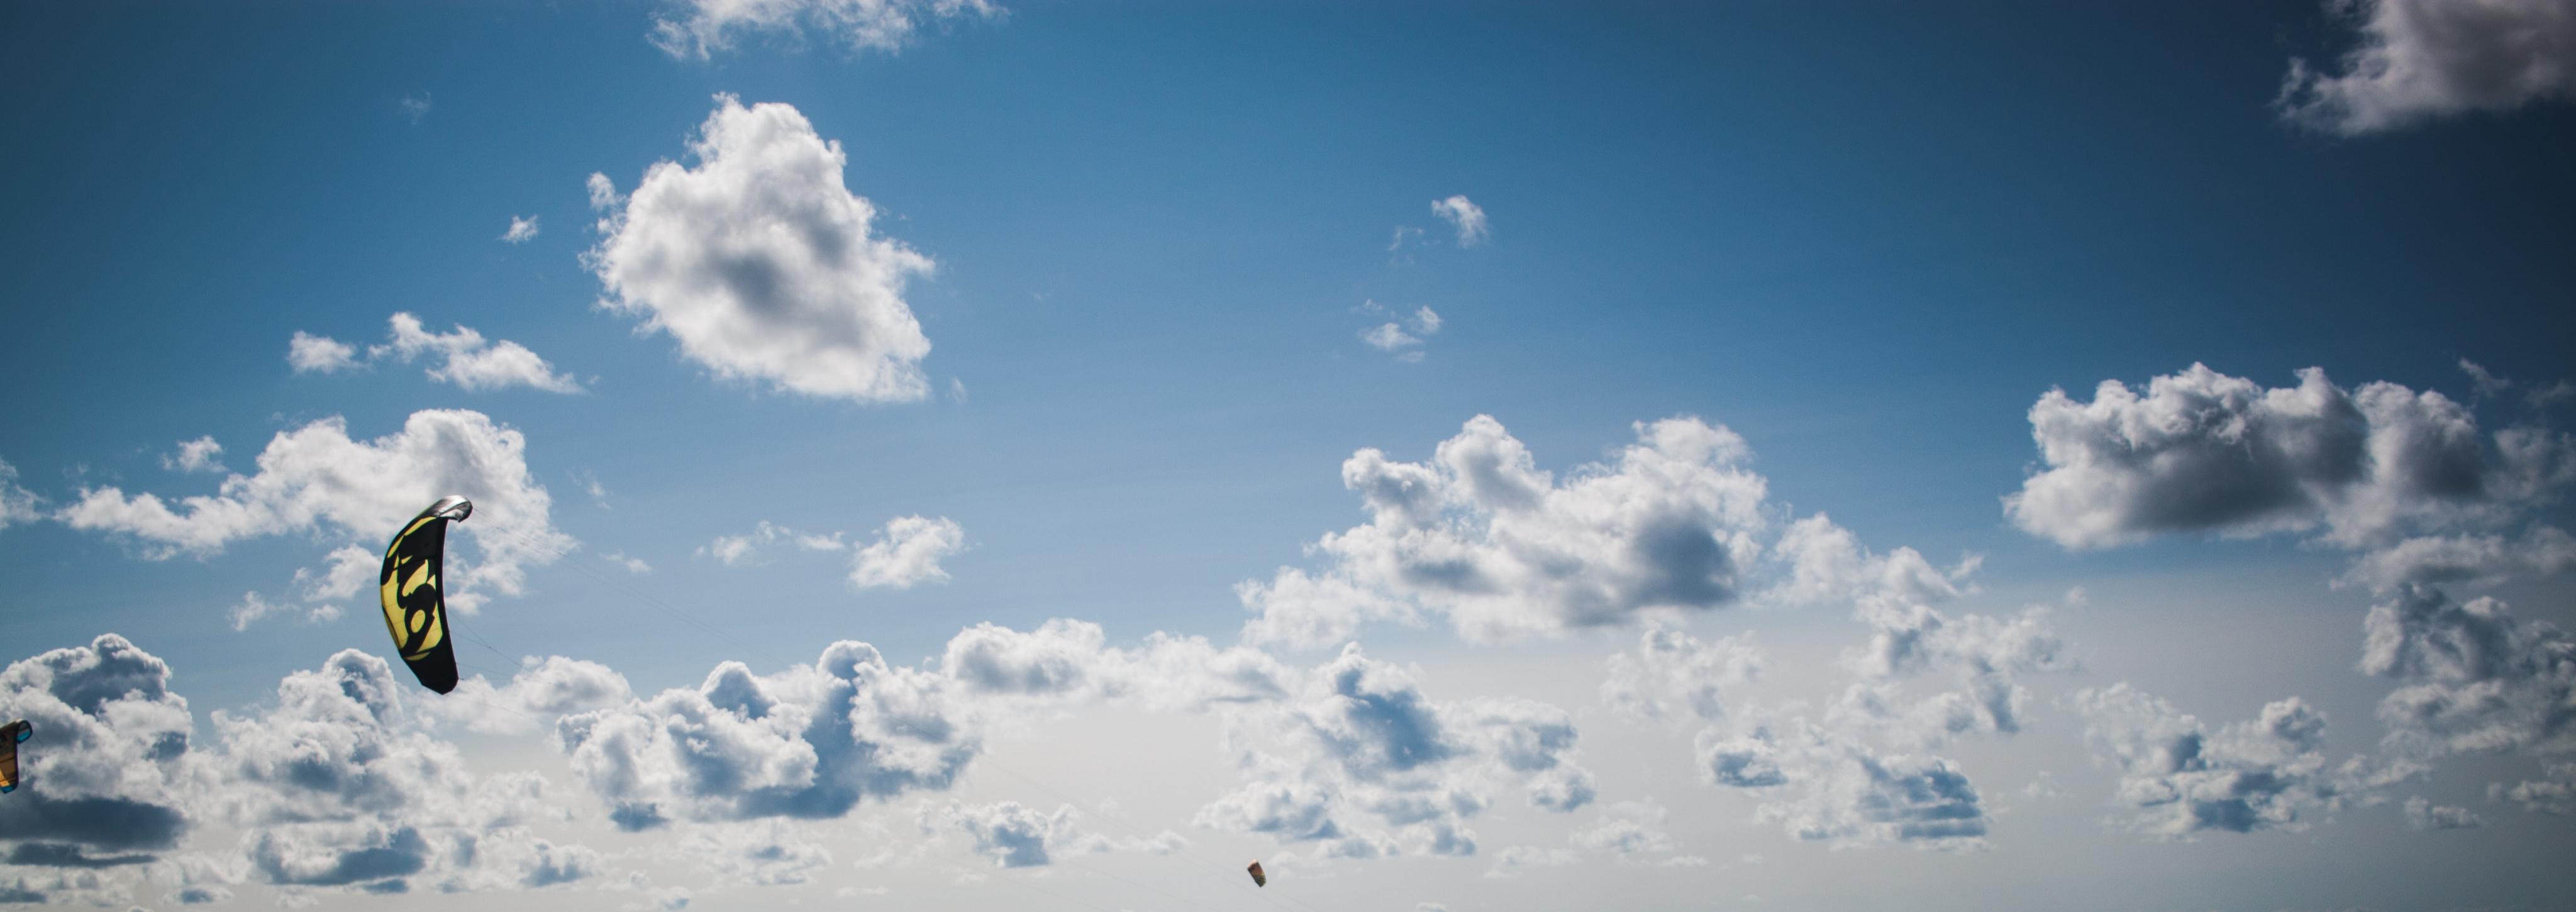 beach-clouds-cloudy-sky-1075937 (1)